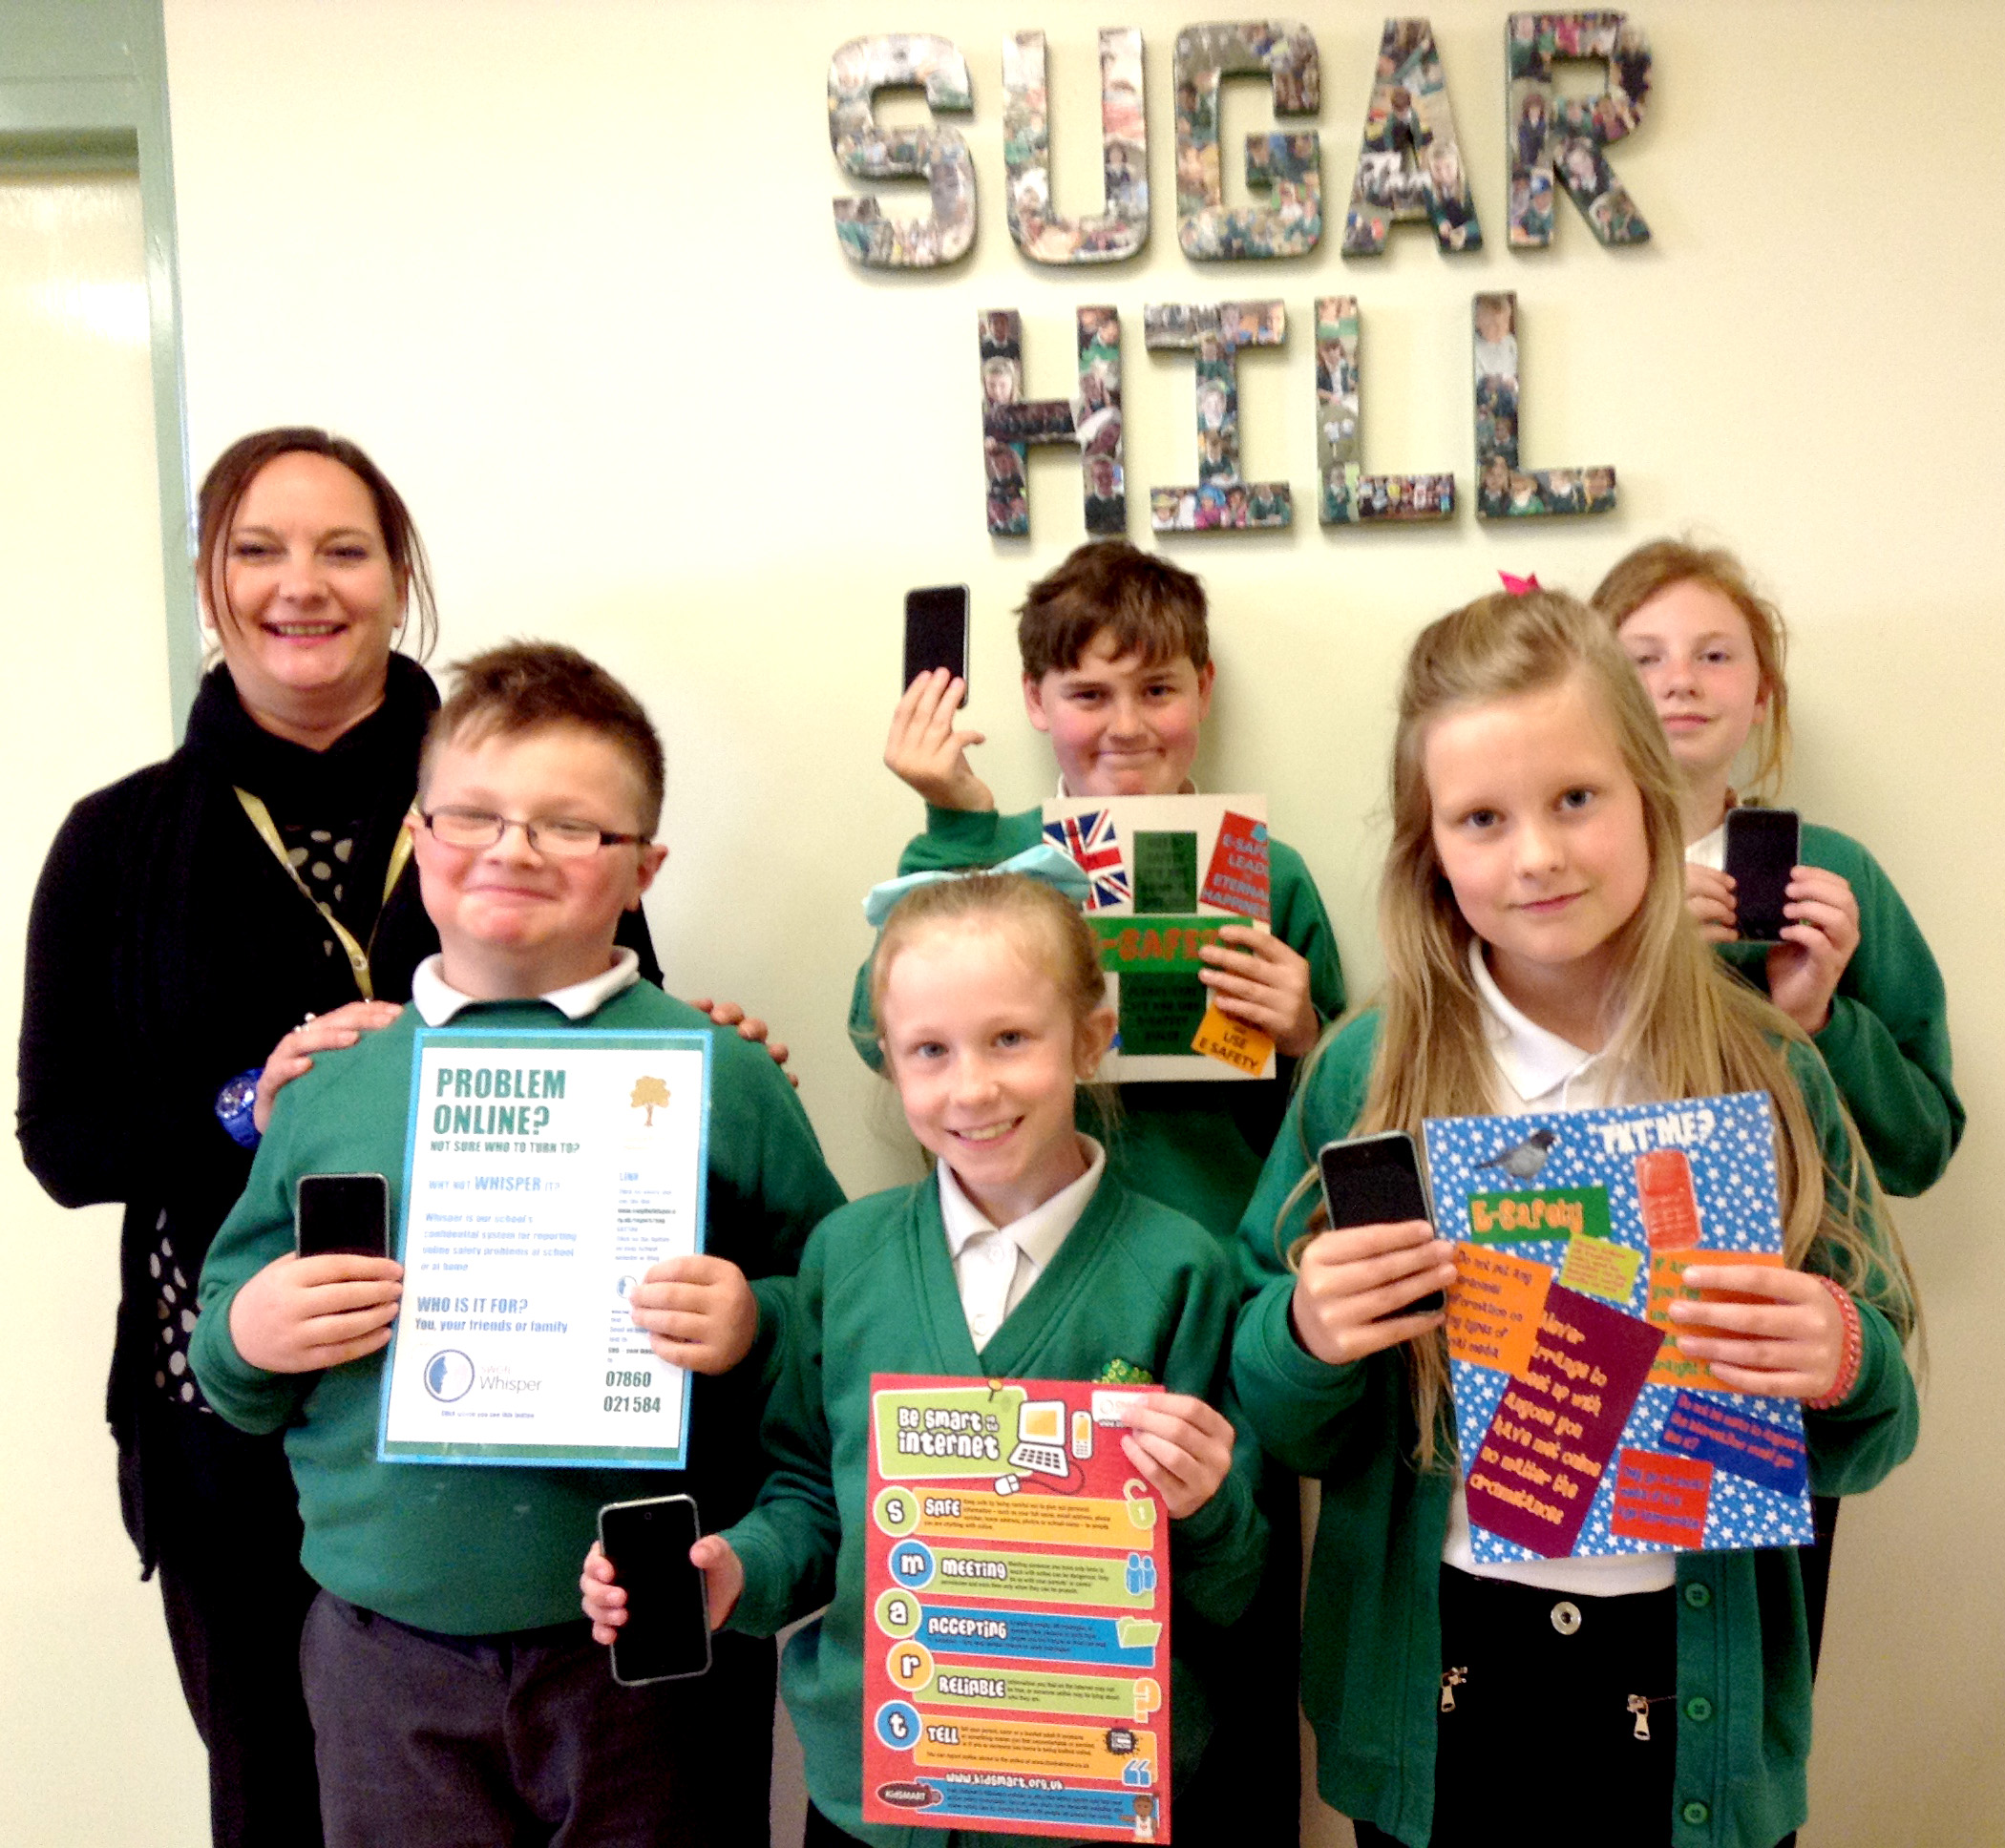 Sugar Hill Receives Rare Award for E-Safety